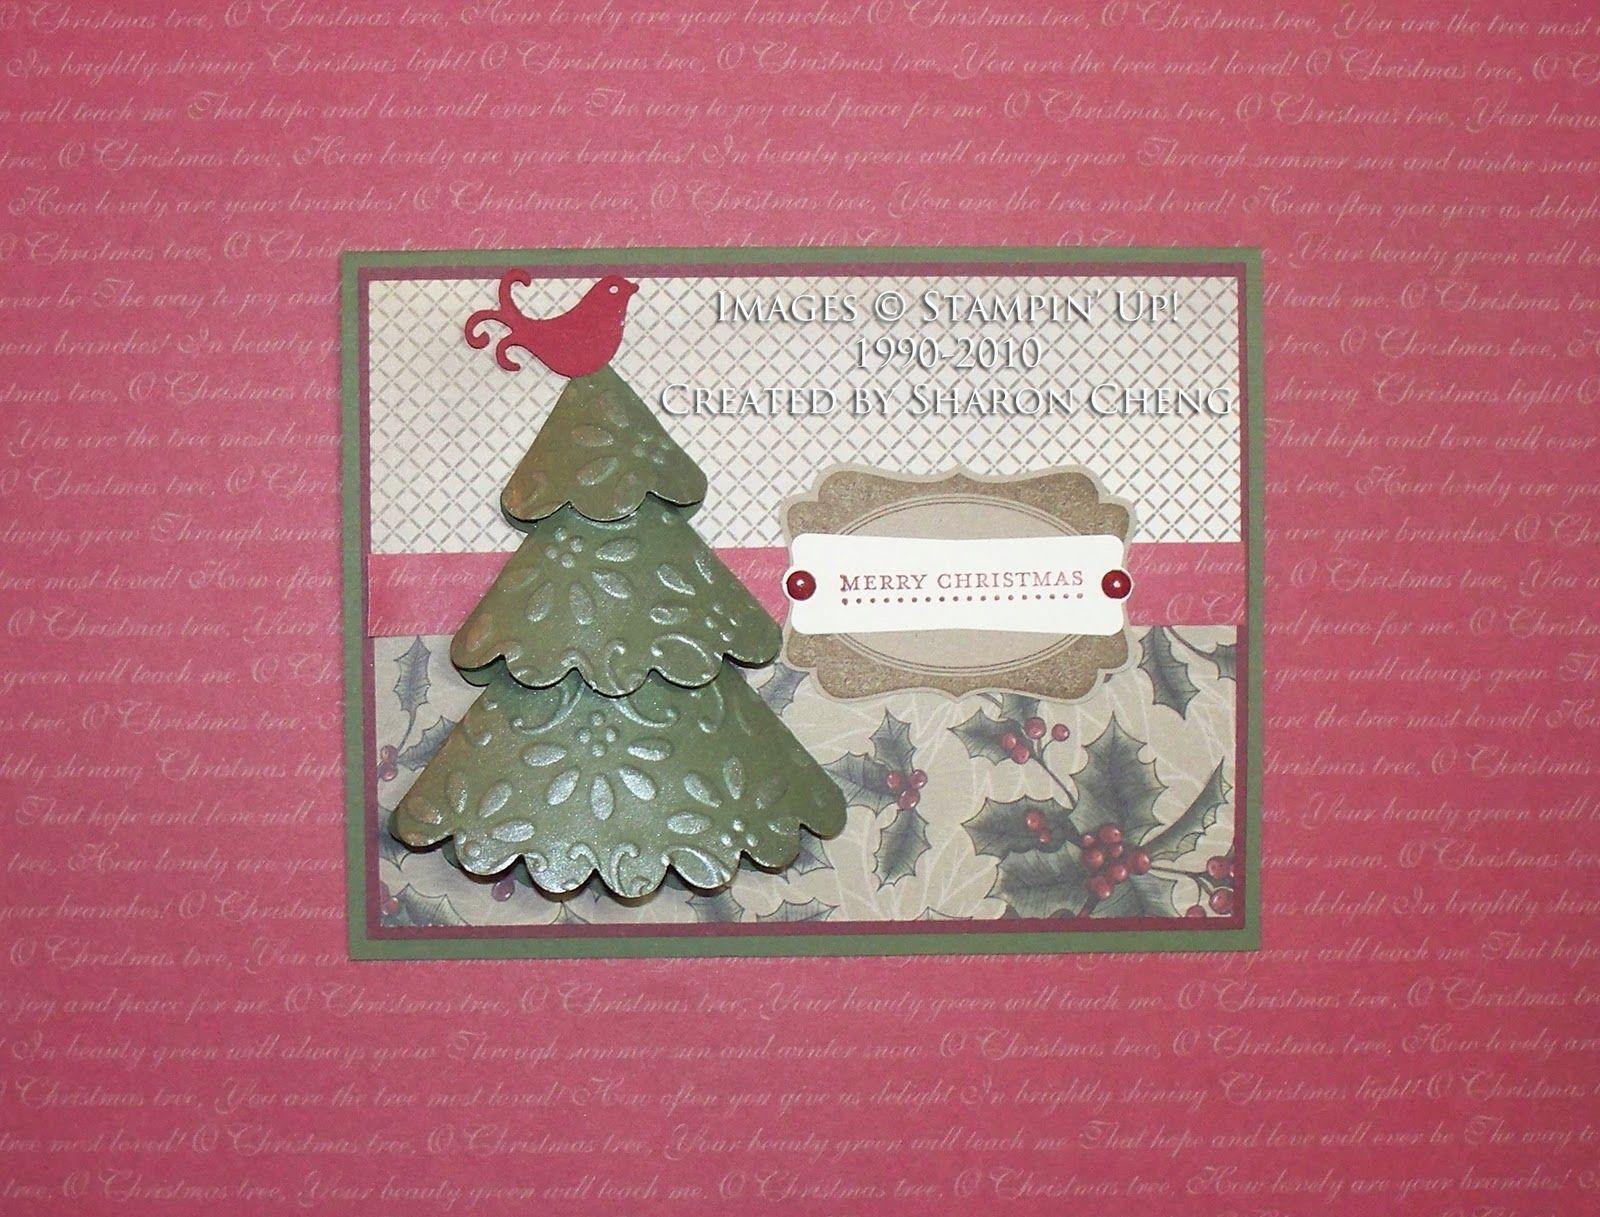 SHARING CREATIVITY and COMPANY: Art-To-Go Printer's Tray - Christmas Joy #printerstray SHARING CREATIVITY and COMPANY: Art-To-Go Printer's Tray - Christmas Joy #printerstray SHARING CREATIVITY and COMPANY: Art-To-Go Printer's Tray - Christmas Joy #printerstray SHARING CREATIVITY and COMPANY: Art-To-Go Printer's Tray - Christmas Joy #printertray SHARING CREATIVITY and COMPANY: Art-To-Go Printer's Tray - Christmas Joy #printerstray SHARING CREATIVITY and COMPANY: Art-To-Go Printer's Tray - Christm #printerstray